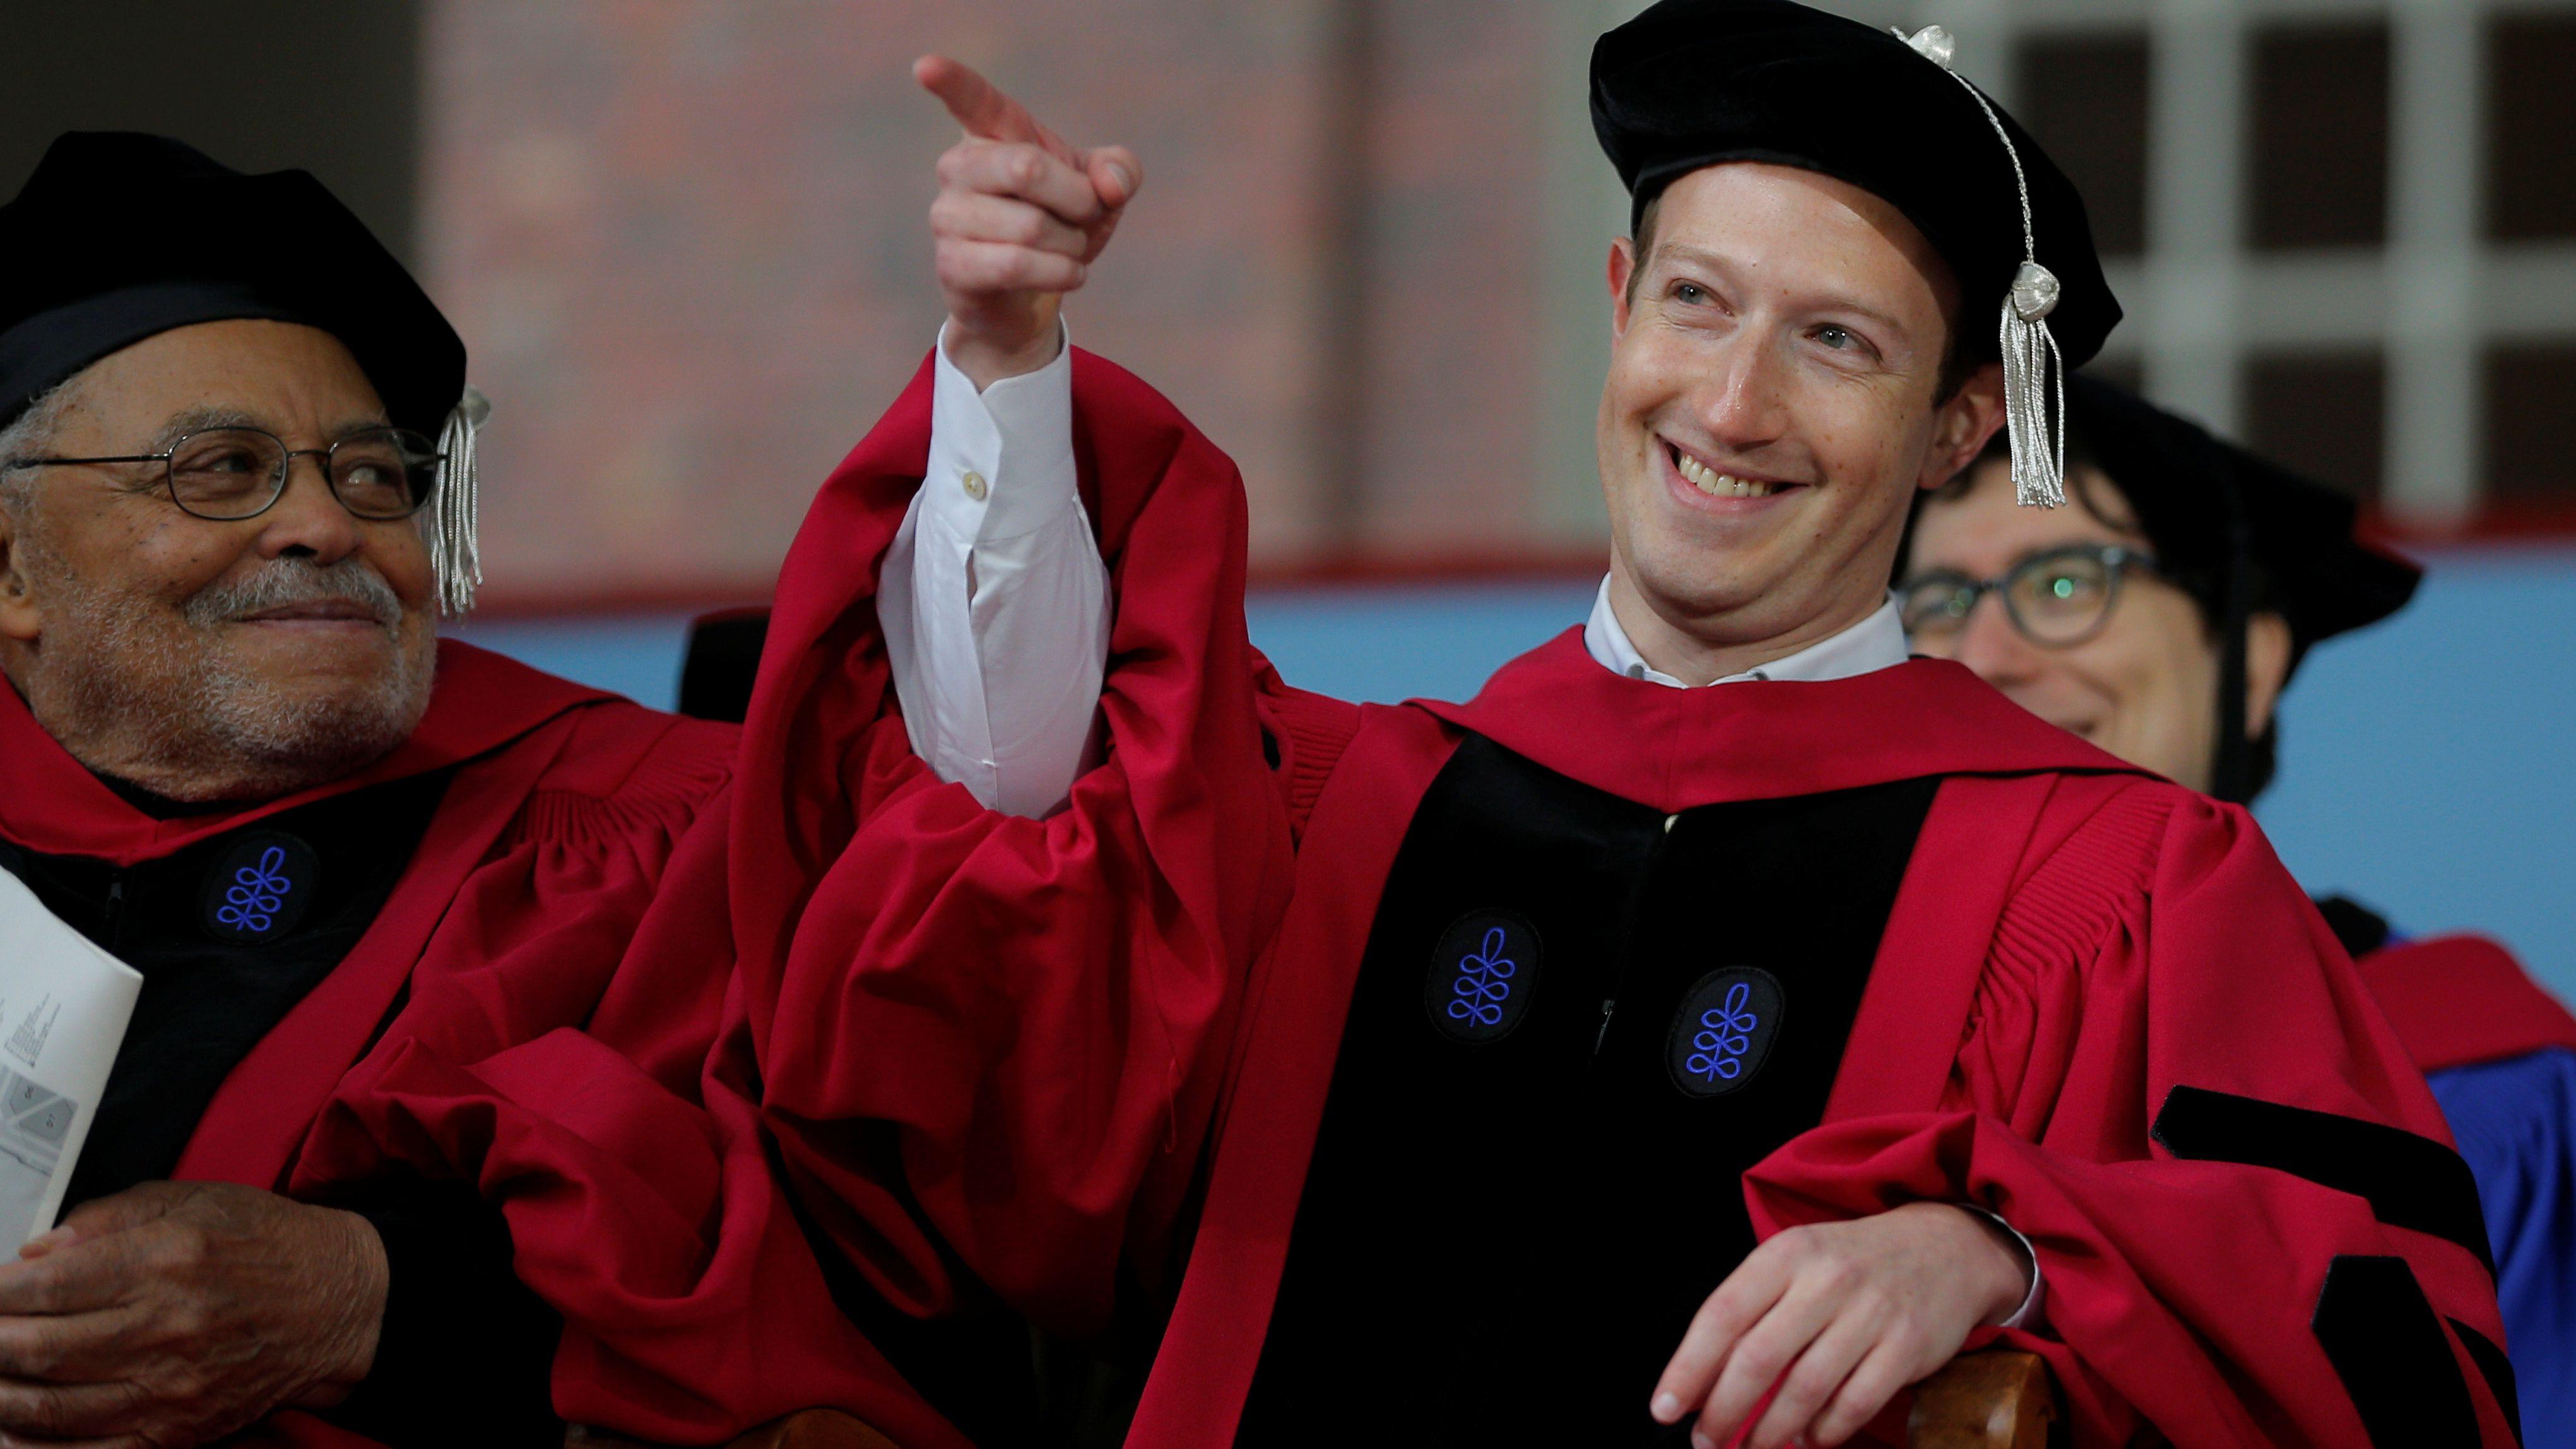 Mark Zuckerberg's Harvard speech: A full transcript of the Facebook